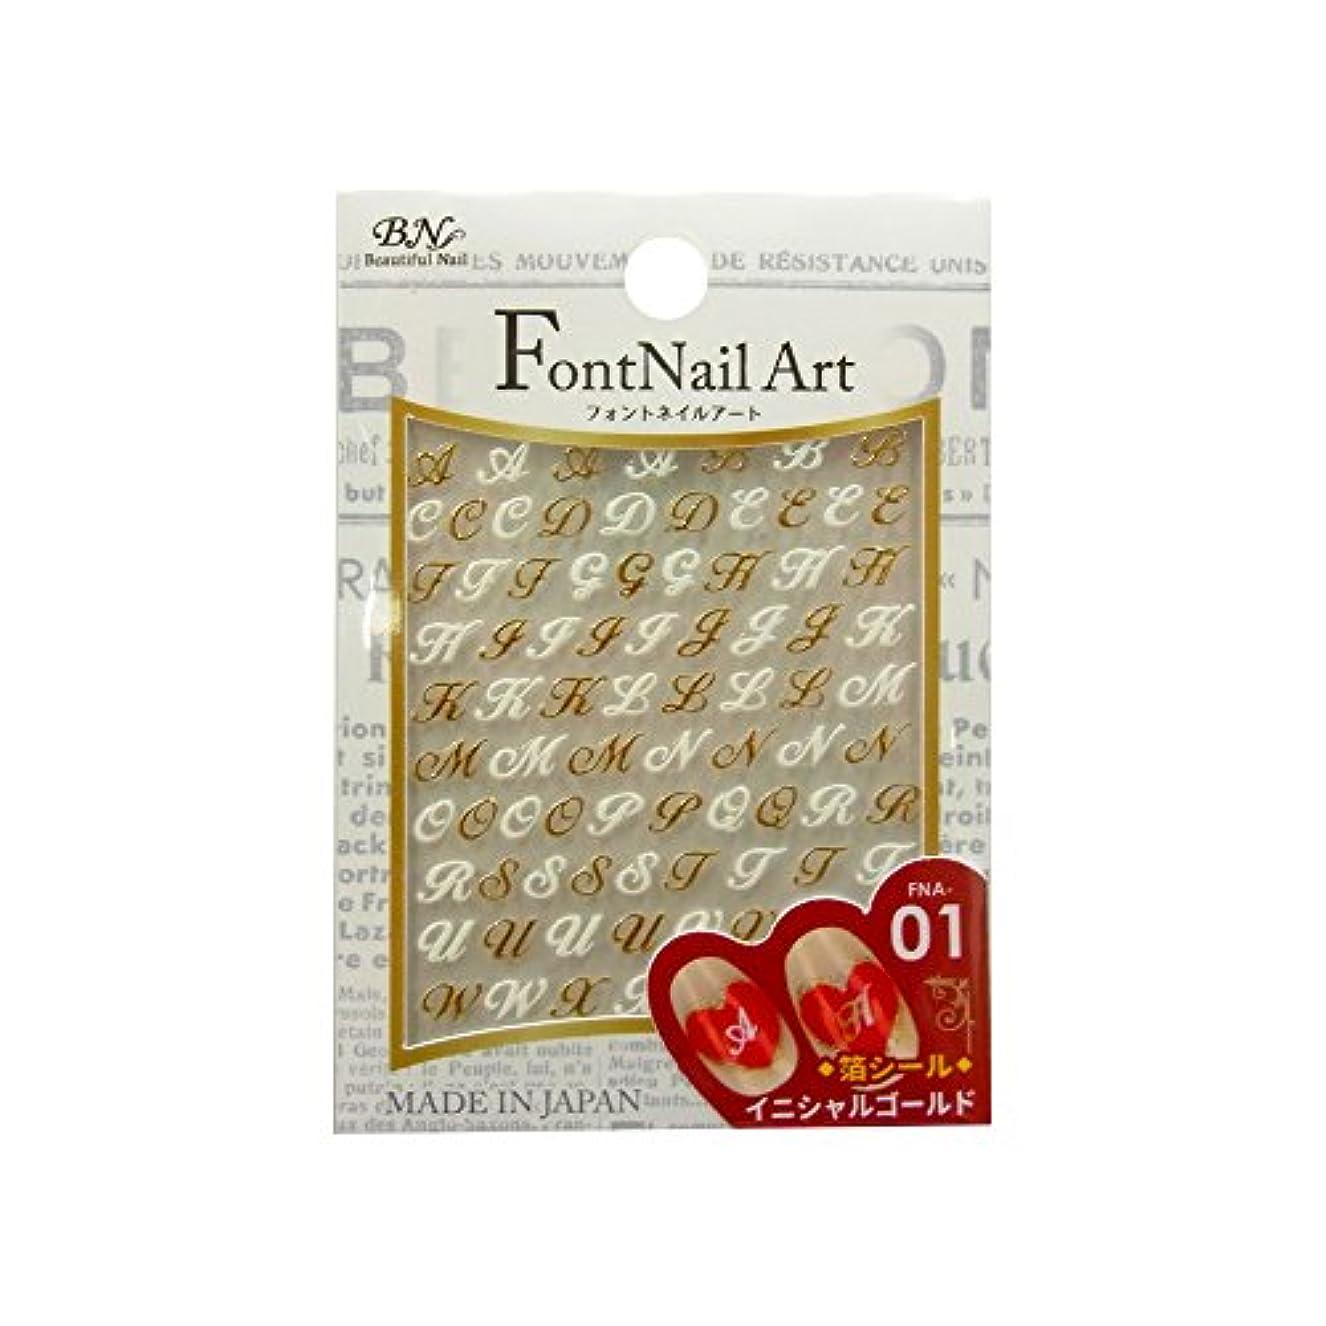 シネマ宗教的な手首ビーエヌ ネイルシール フォントネイルアート FNA-01 イニシャルゴールド